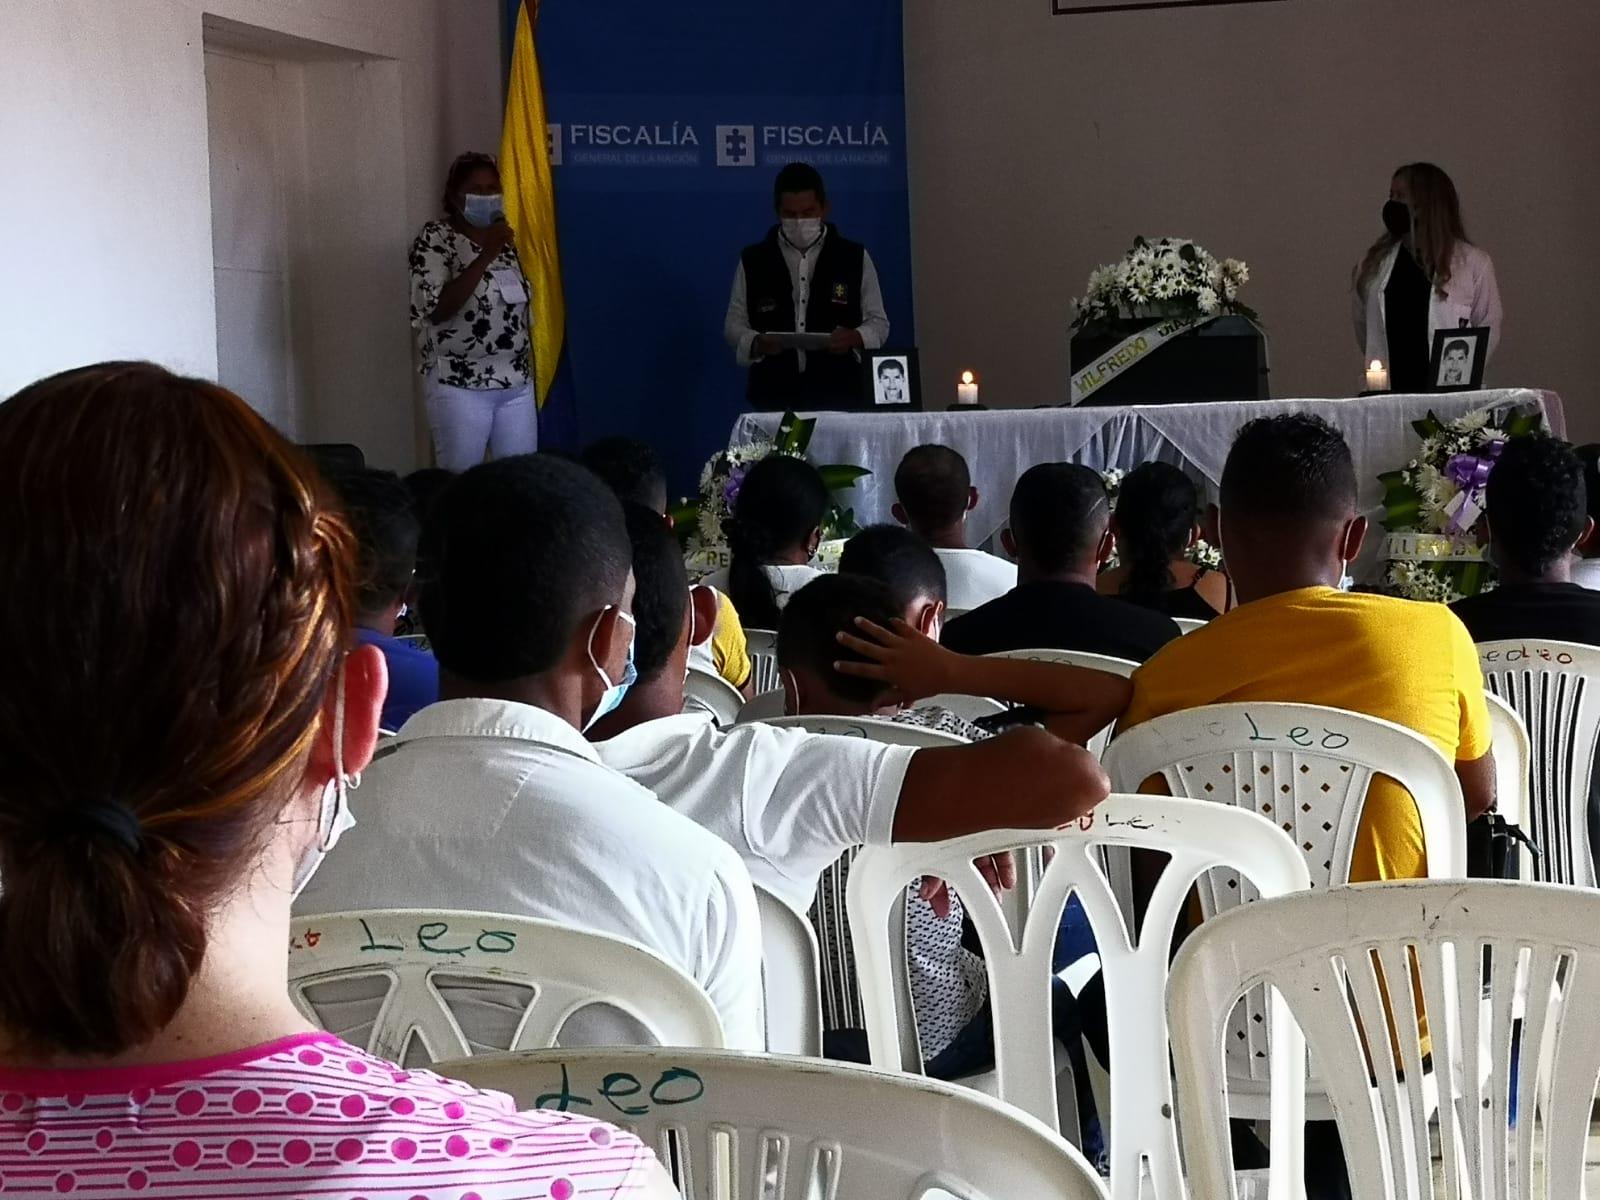 Fiscalía hizo entrega digna a familiares de restos de víctimas de desaparición forzada - Noticias de Colombia